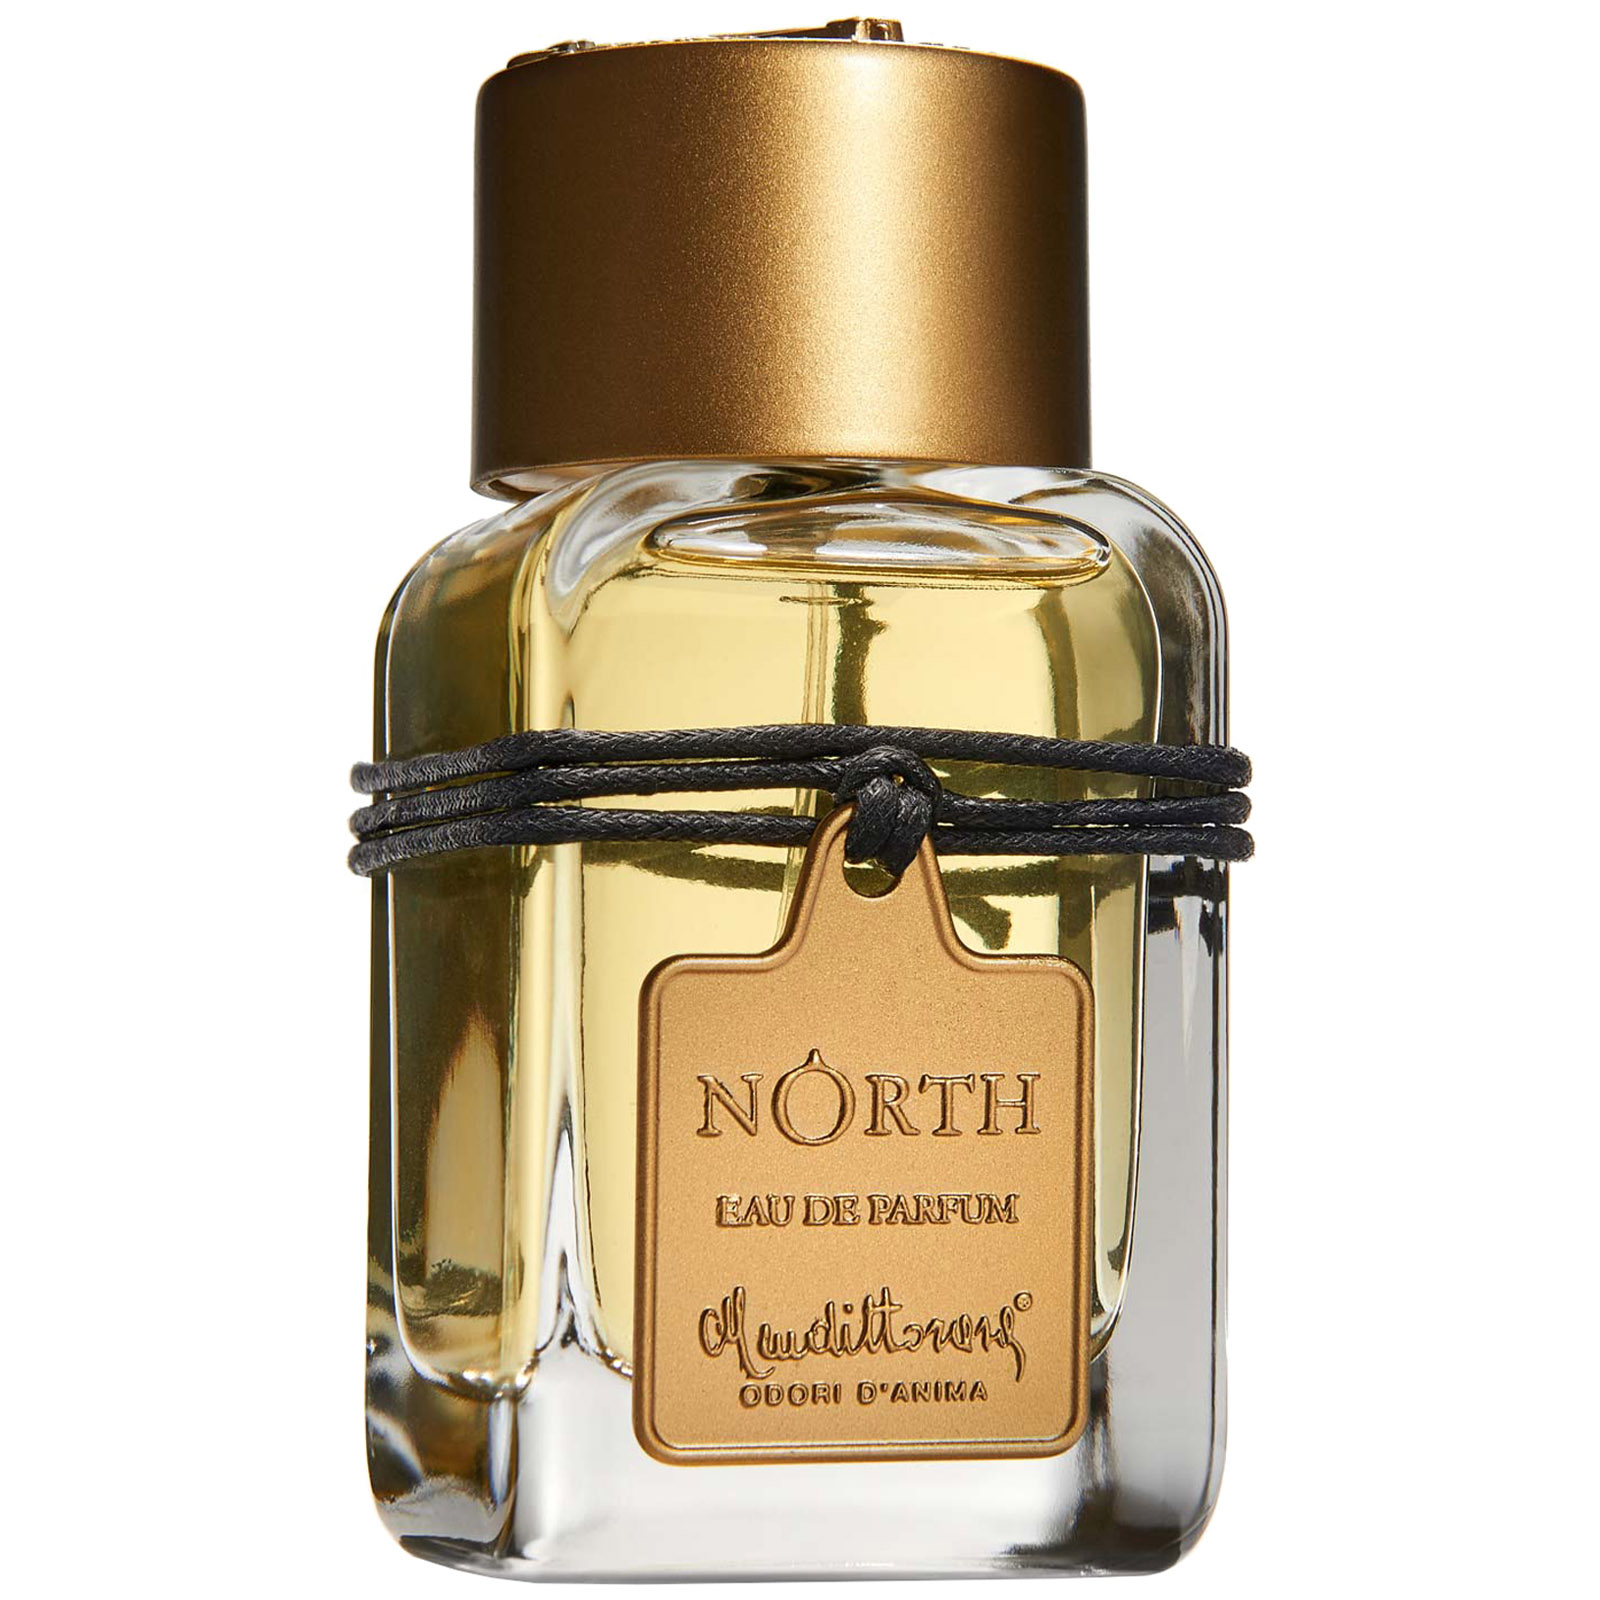 North profumo eau de parfum 20% 100 ml